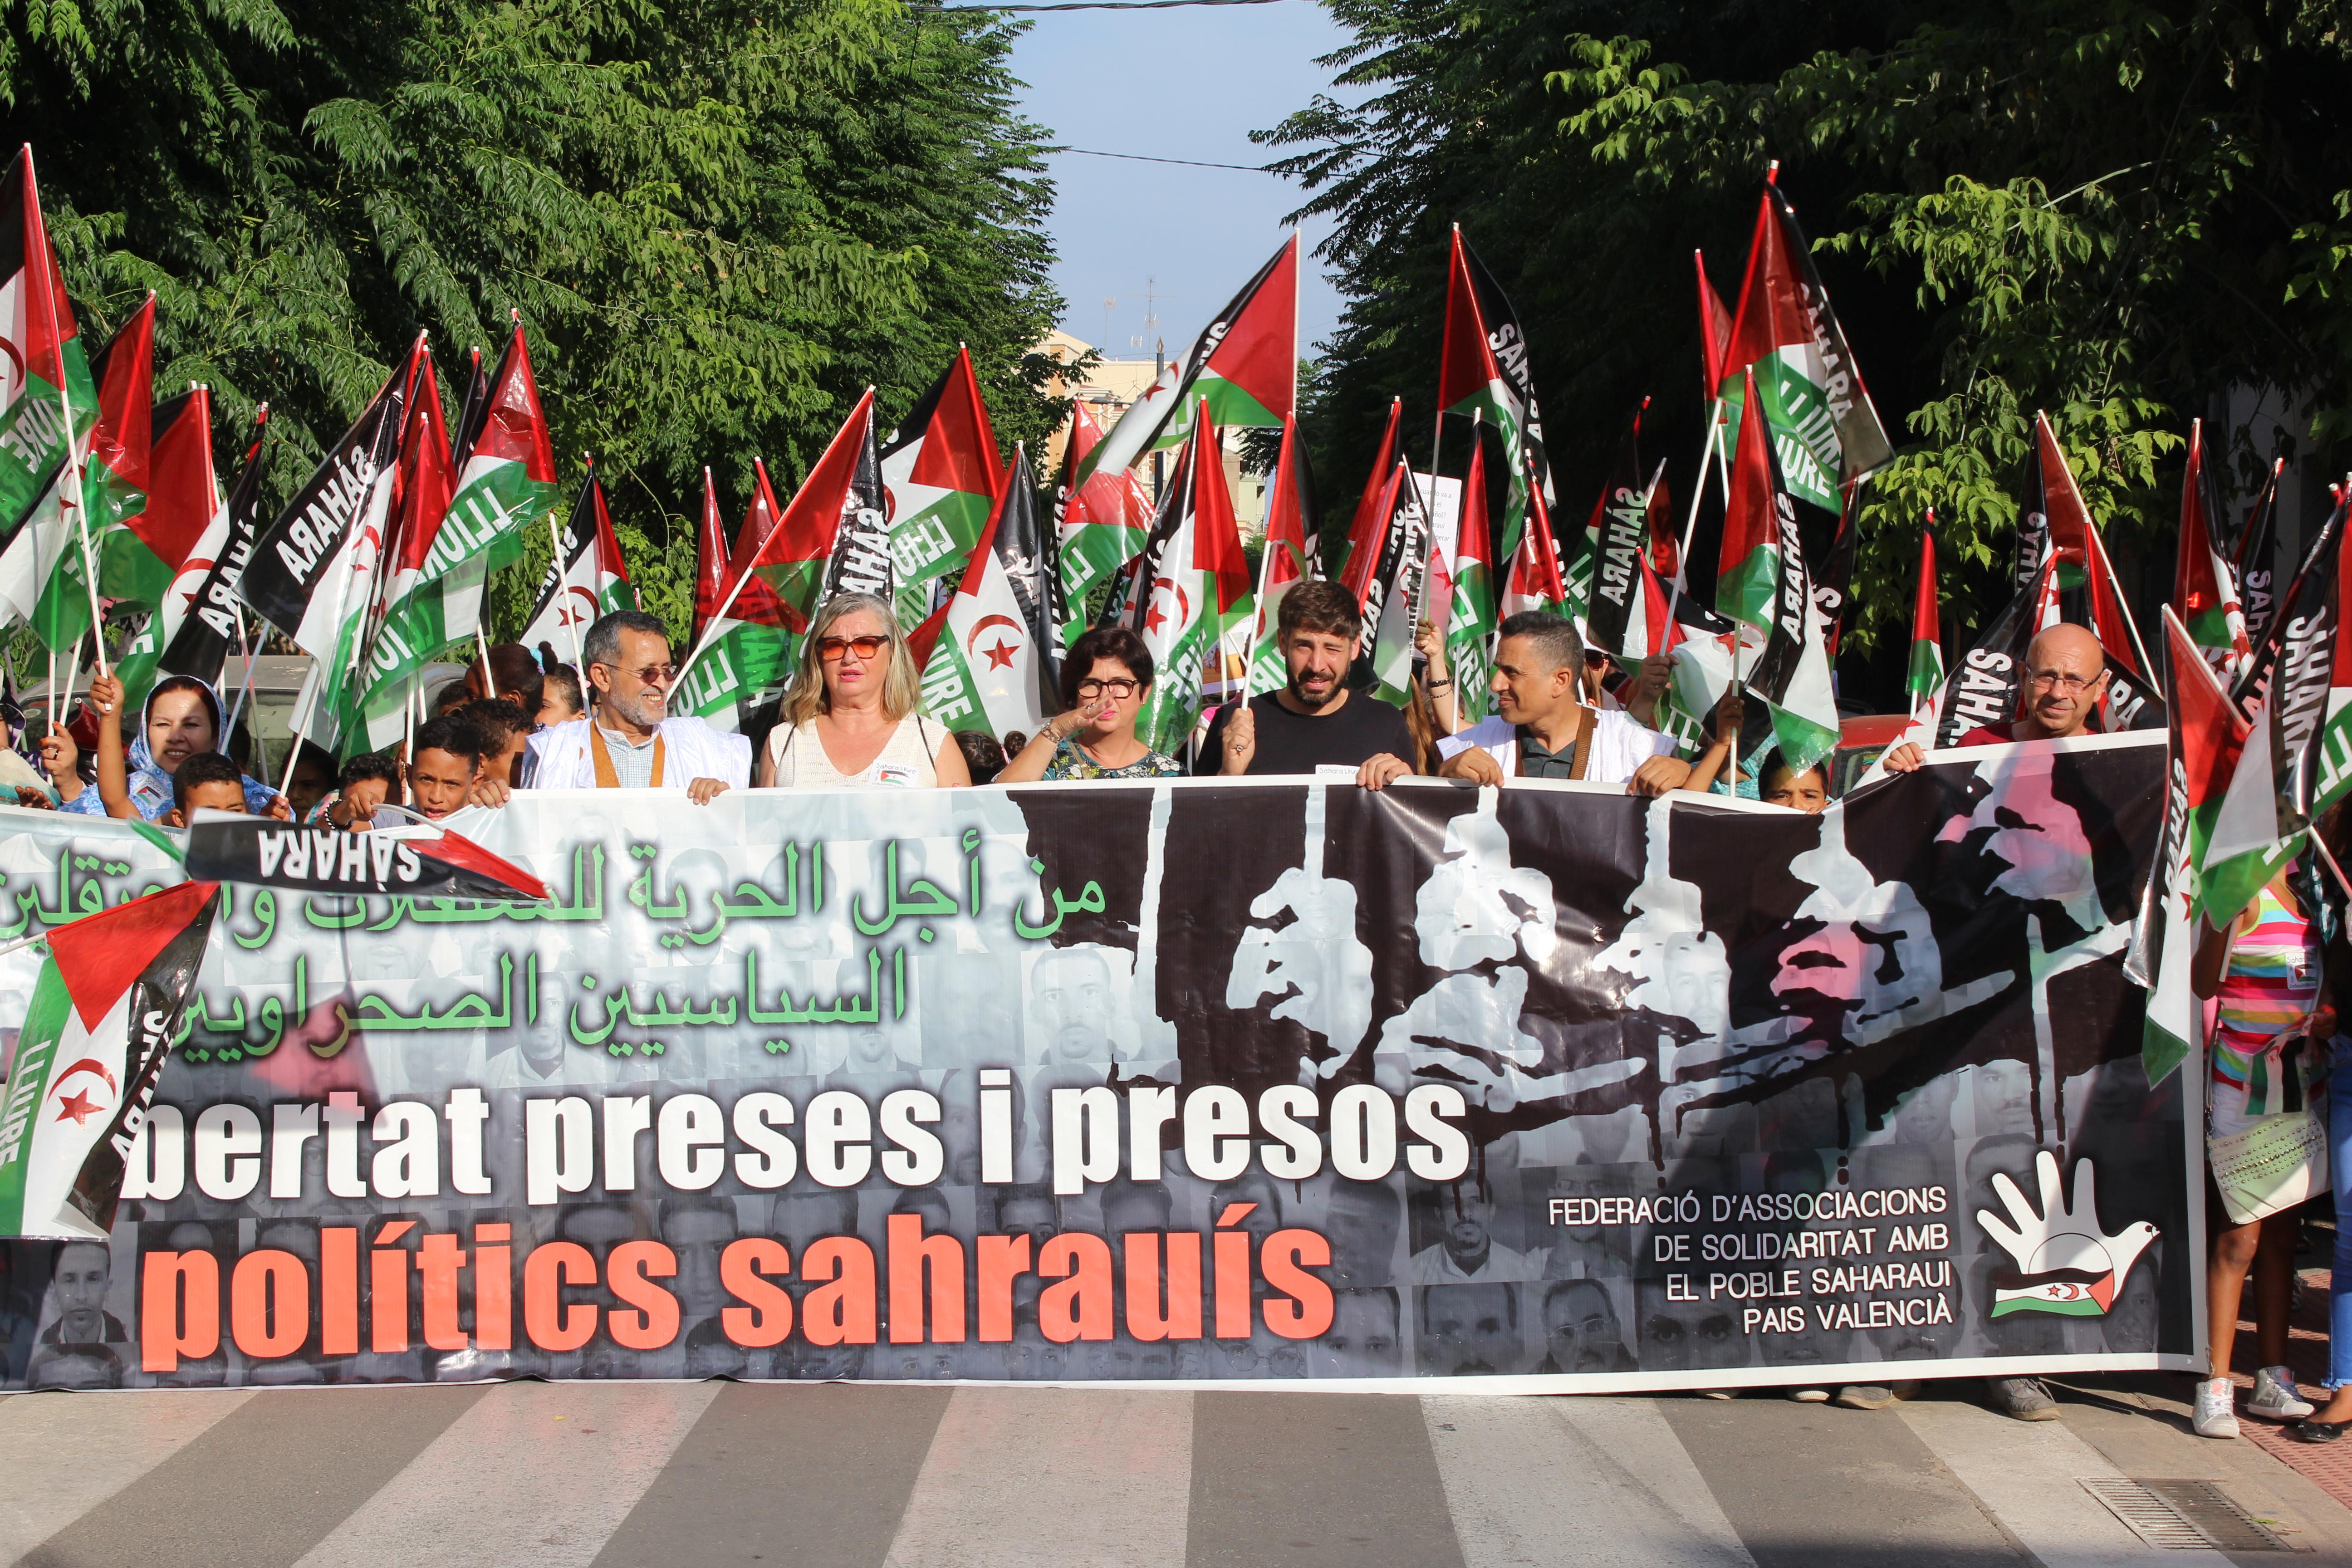 Protesta en apoyo al pueblo saharaui desarrollada en Buñol.